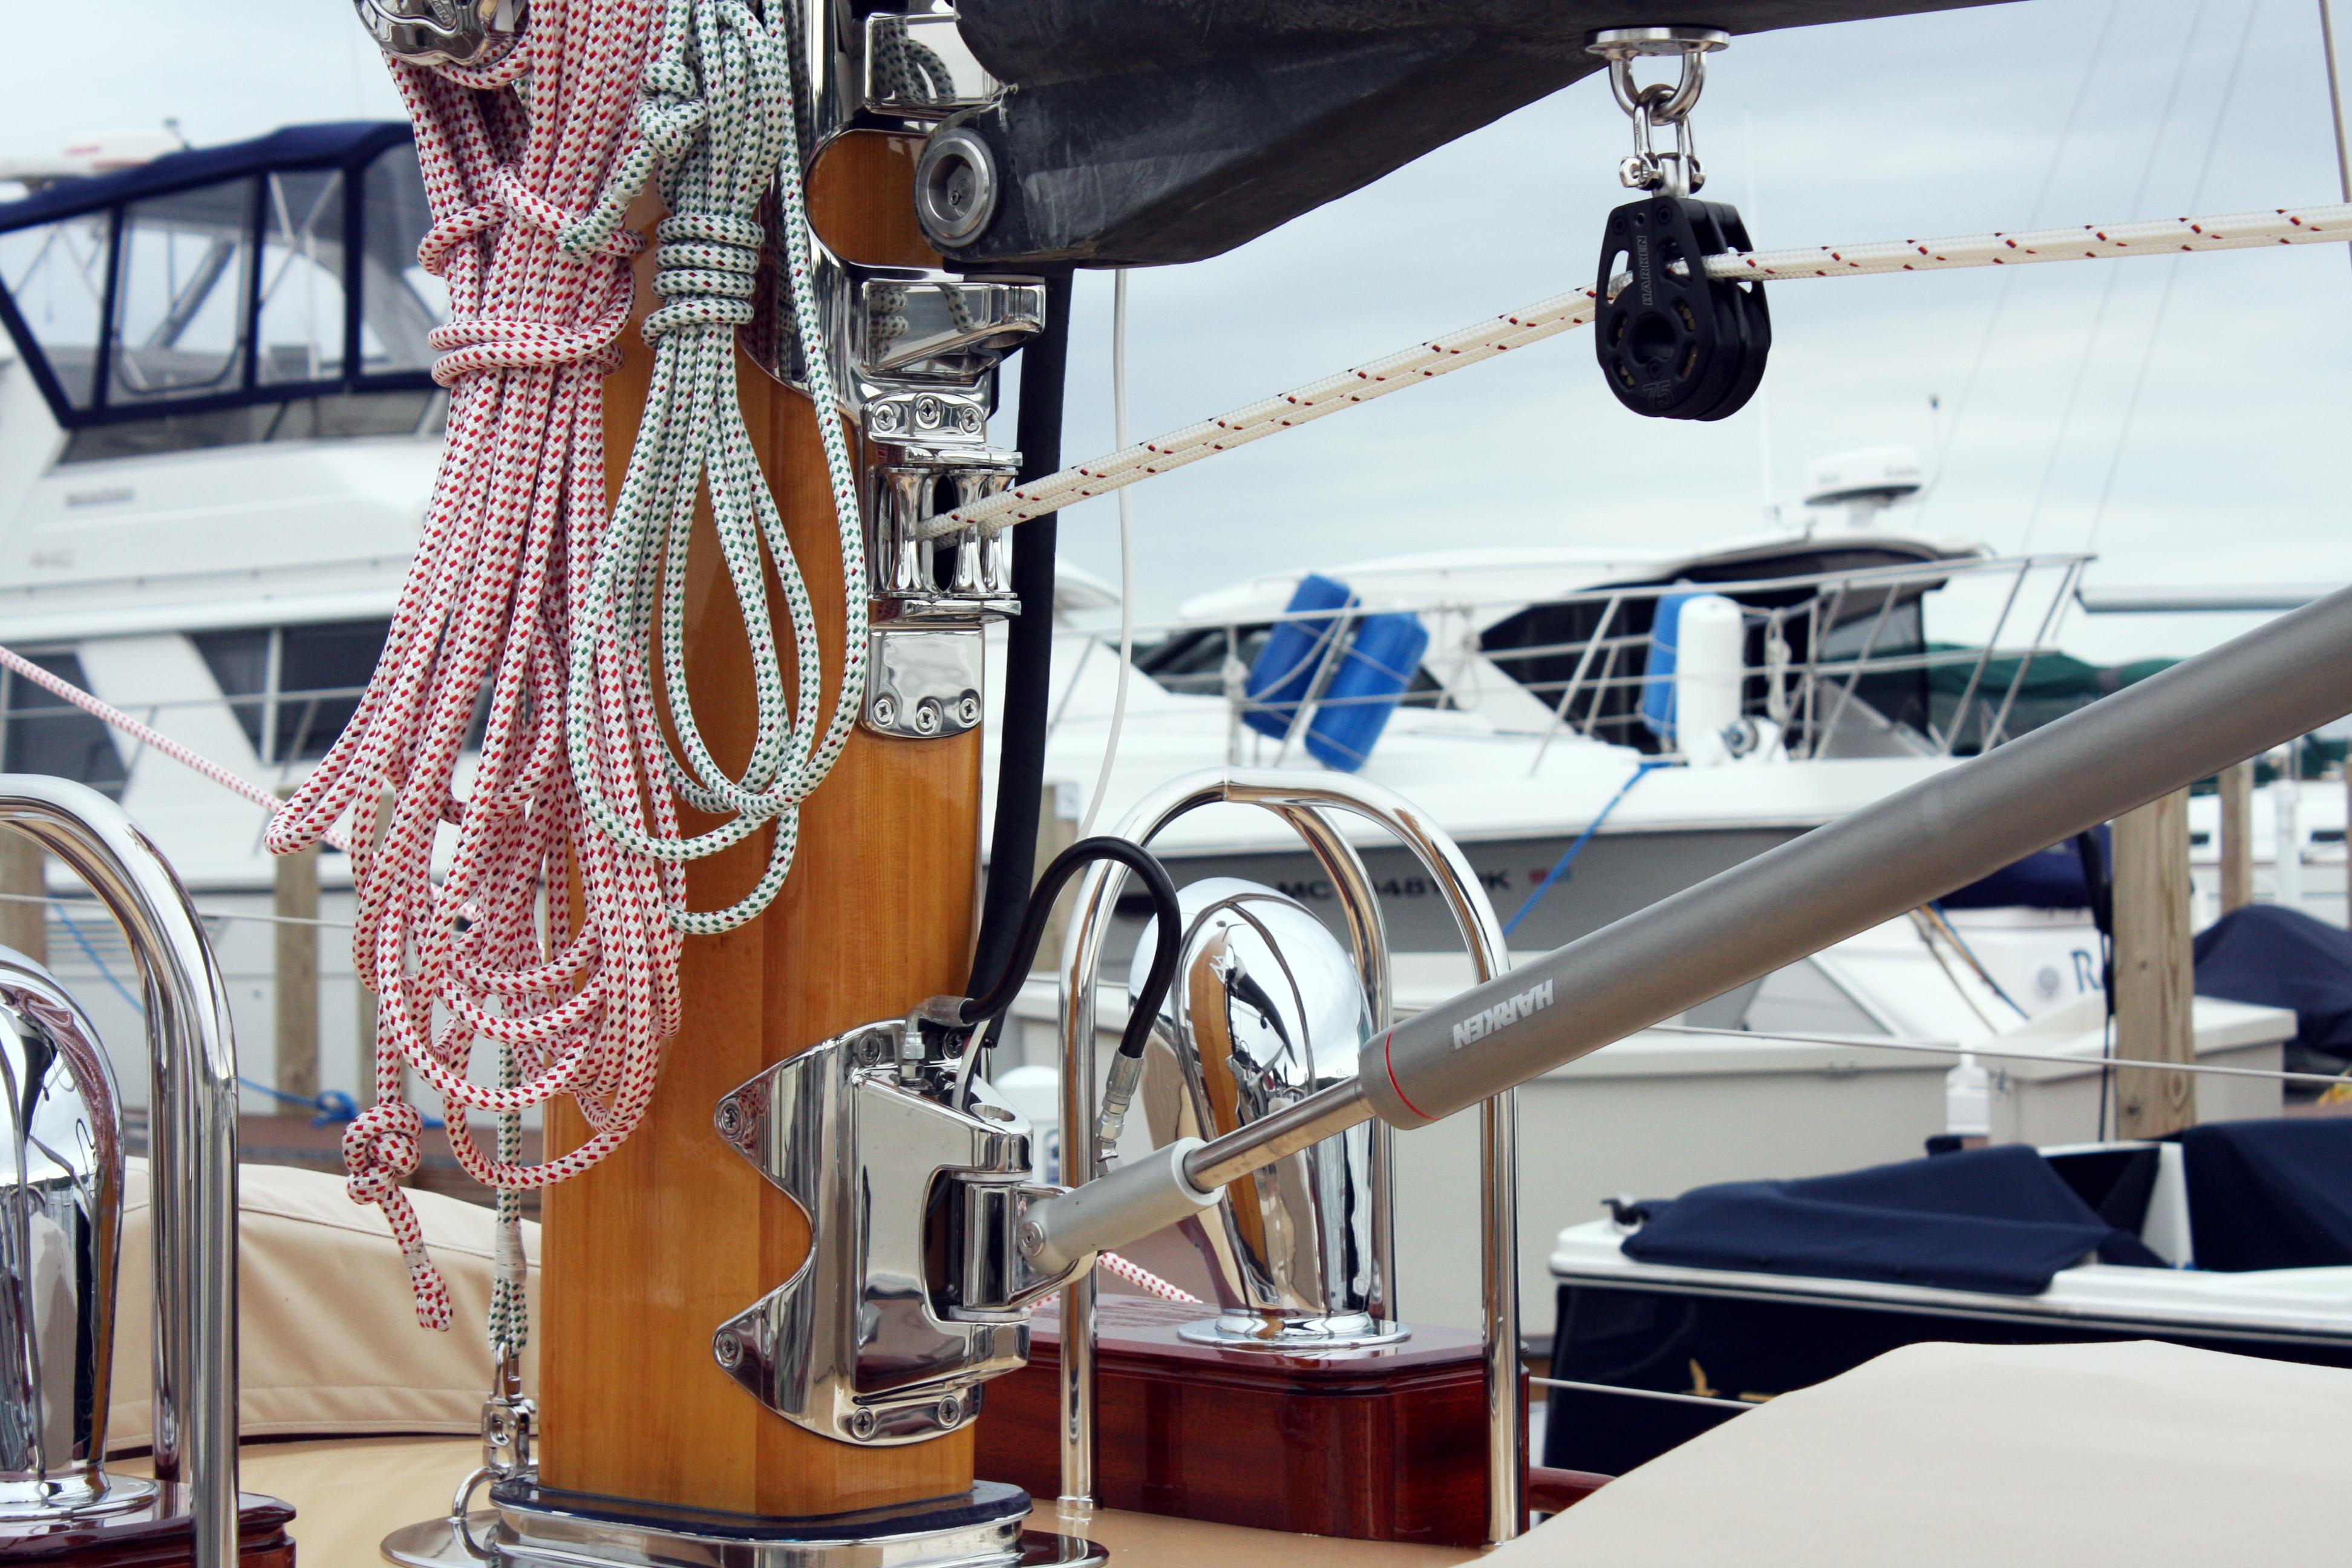 Italmas rigging